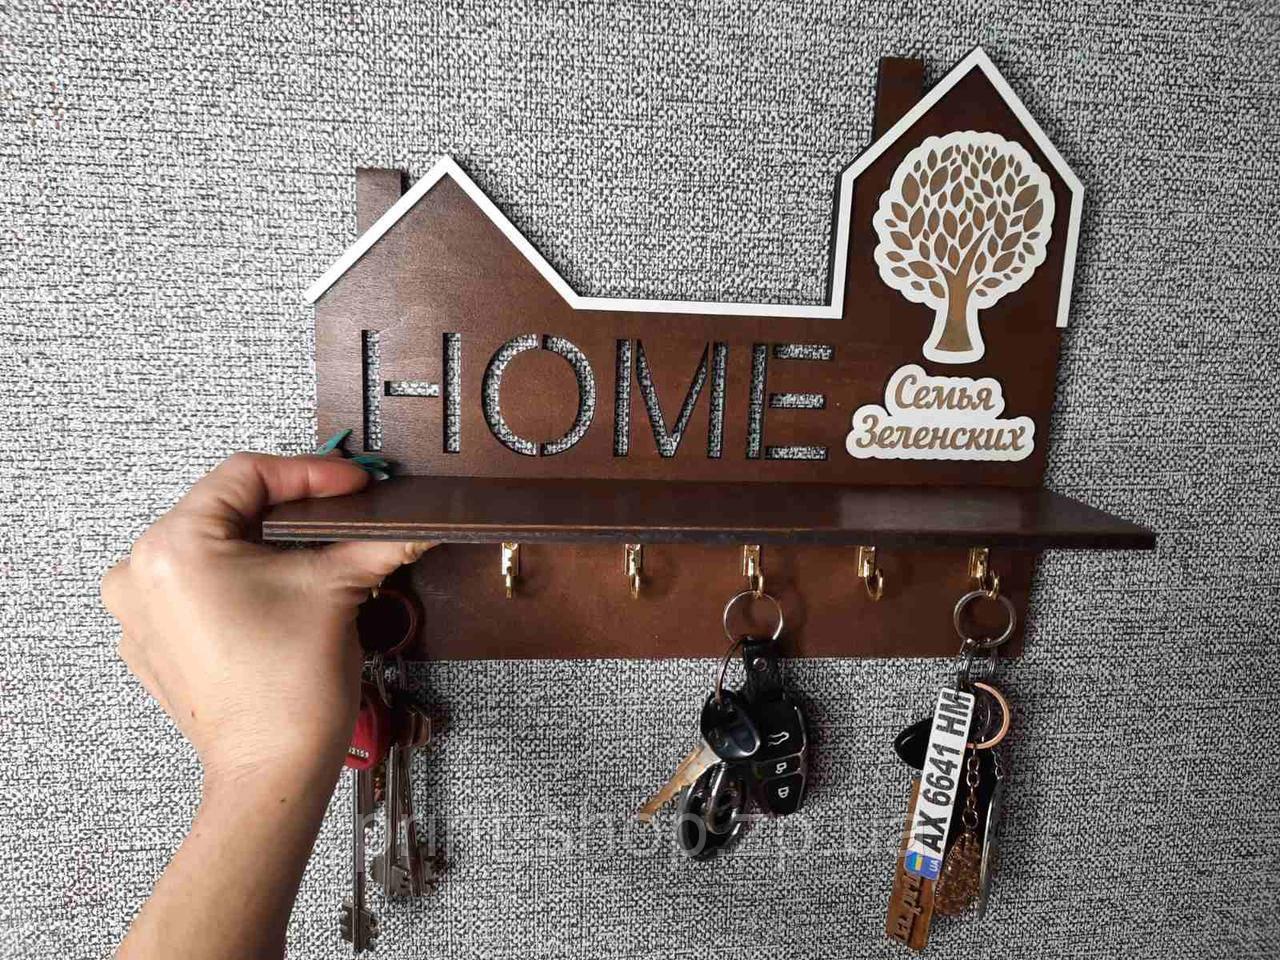 Фамільна настінна ключниця для дому з полицею.